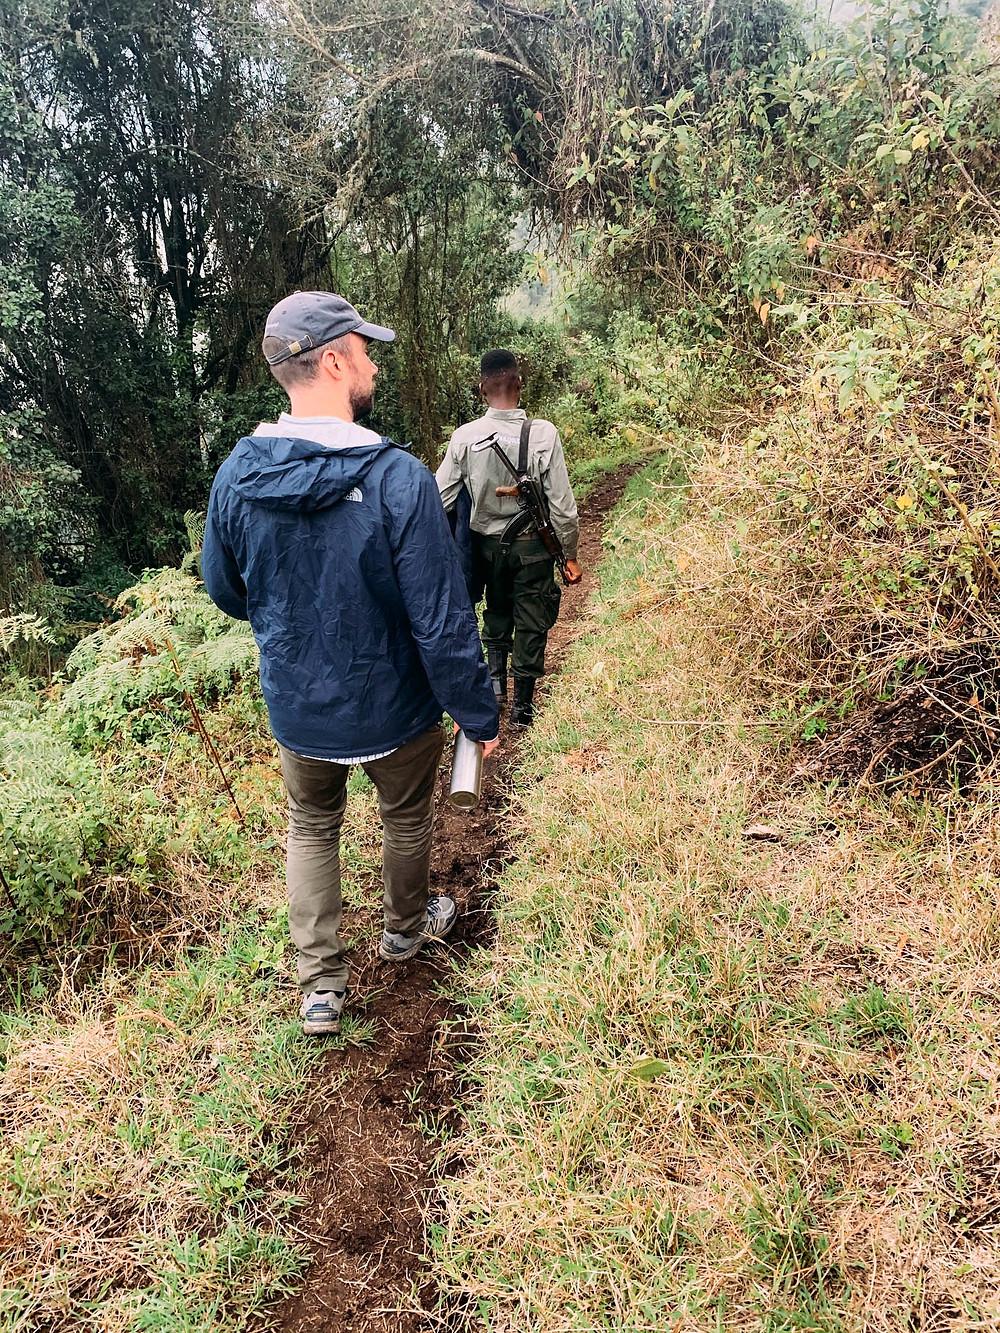 Descending into Empekaai Crater - armed ranger a necessary precaution